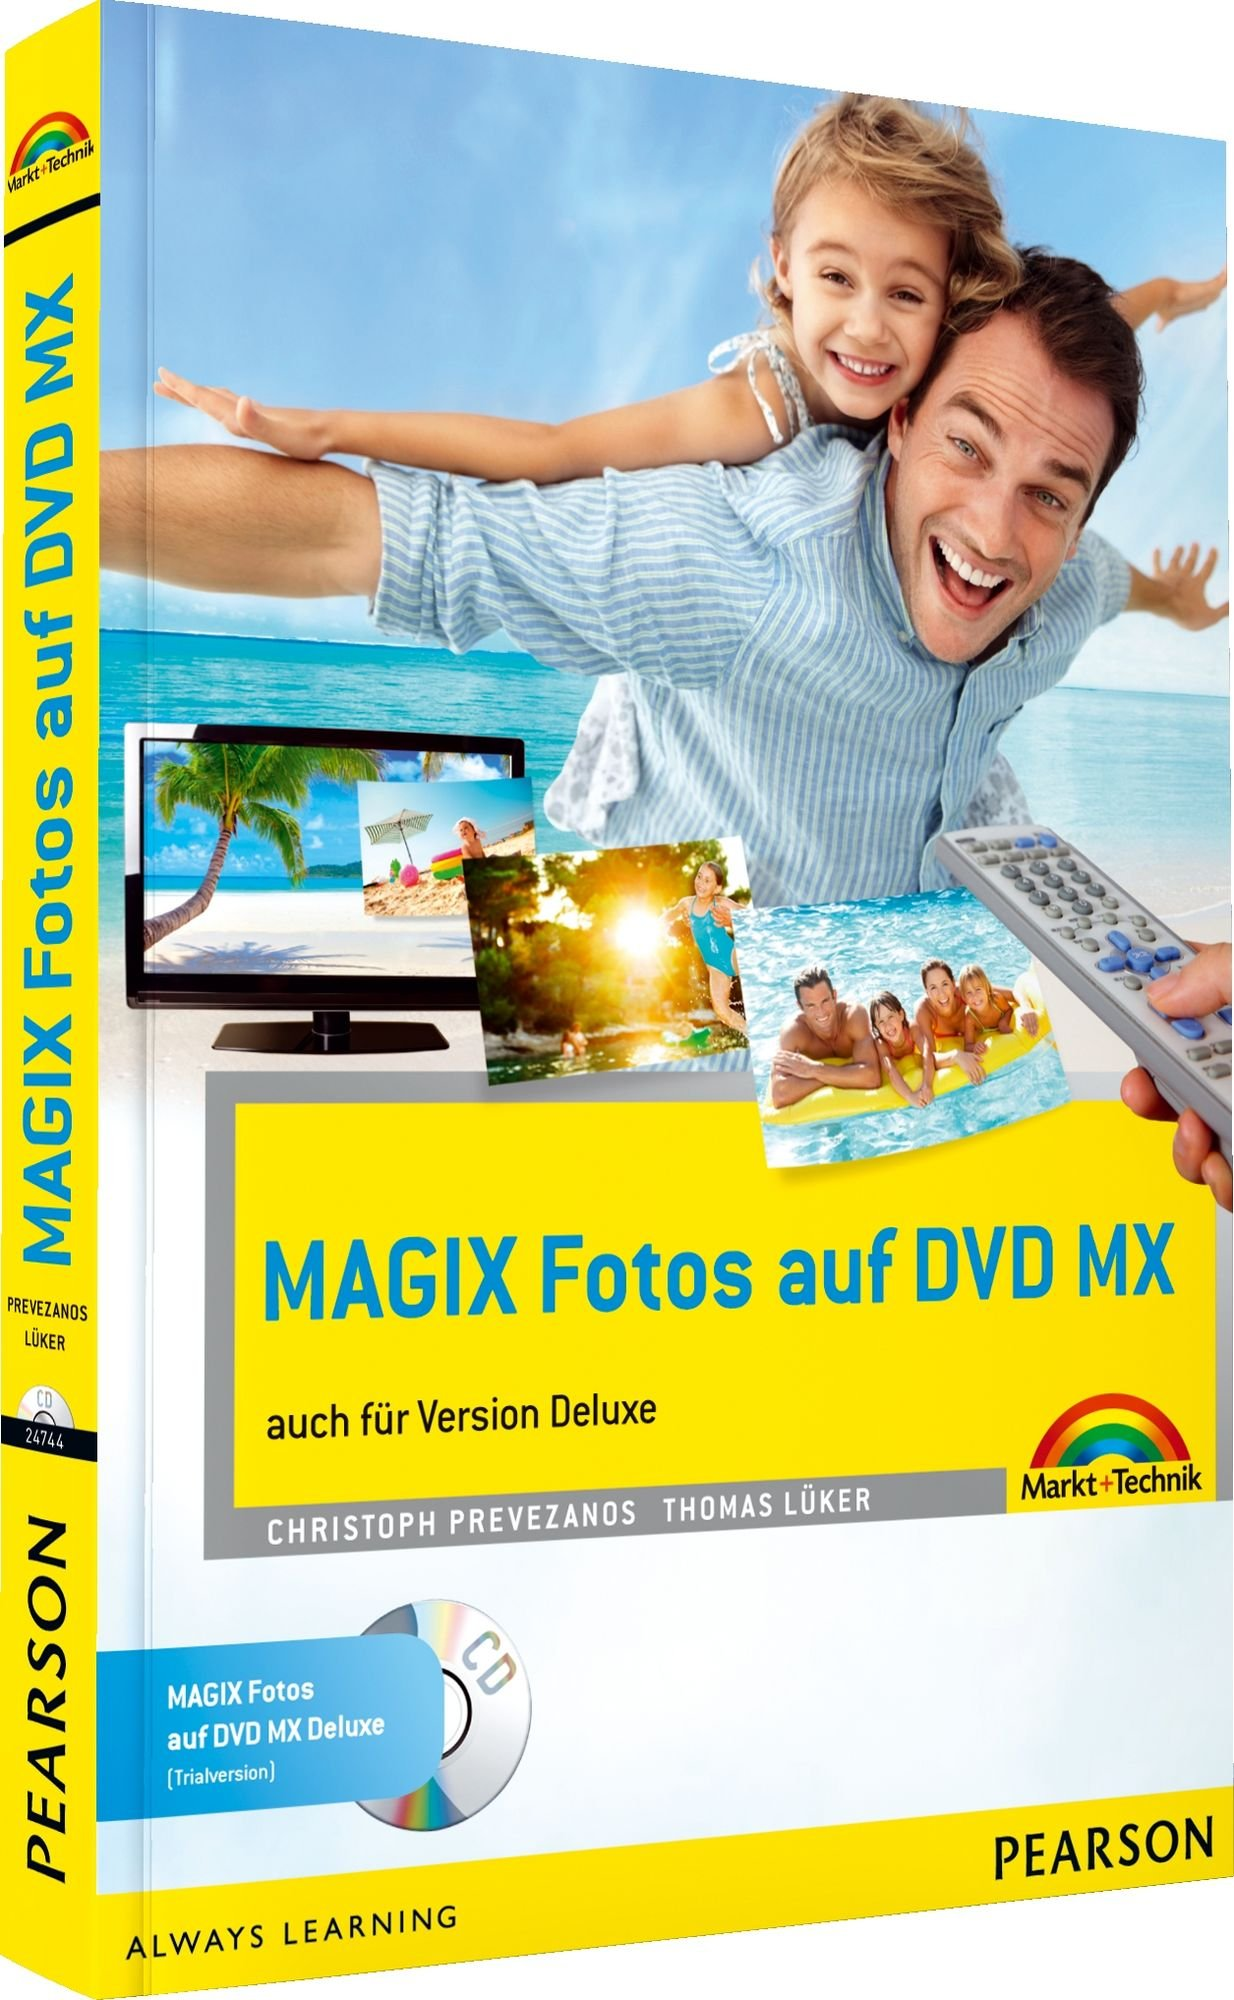 MAGIX Fotos auf DVD MX - komplett vierfarbig: auch für Version  Deluxe (Sonstige Bücher M+T)